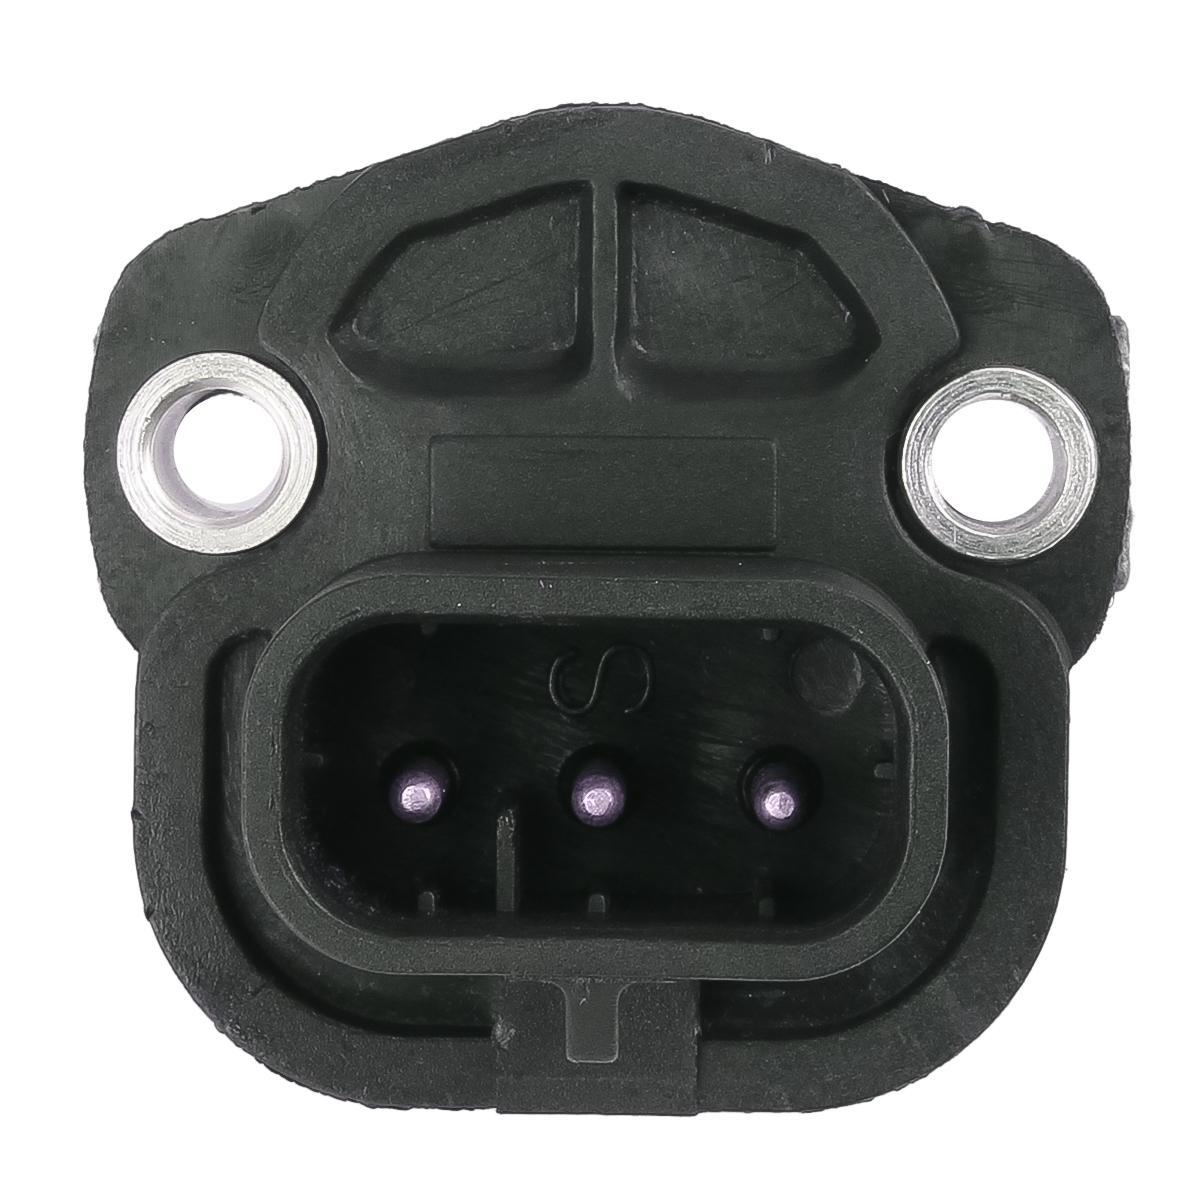 Tps Th143 Throttle Position Sensor For 1994 1996 Dodge Ram